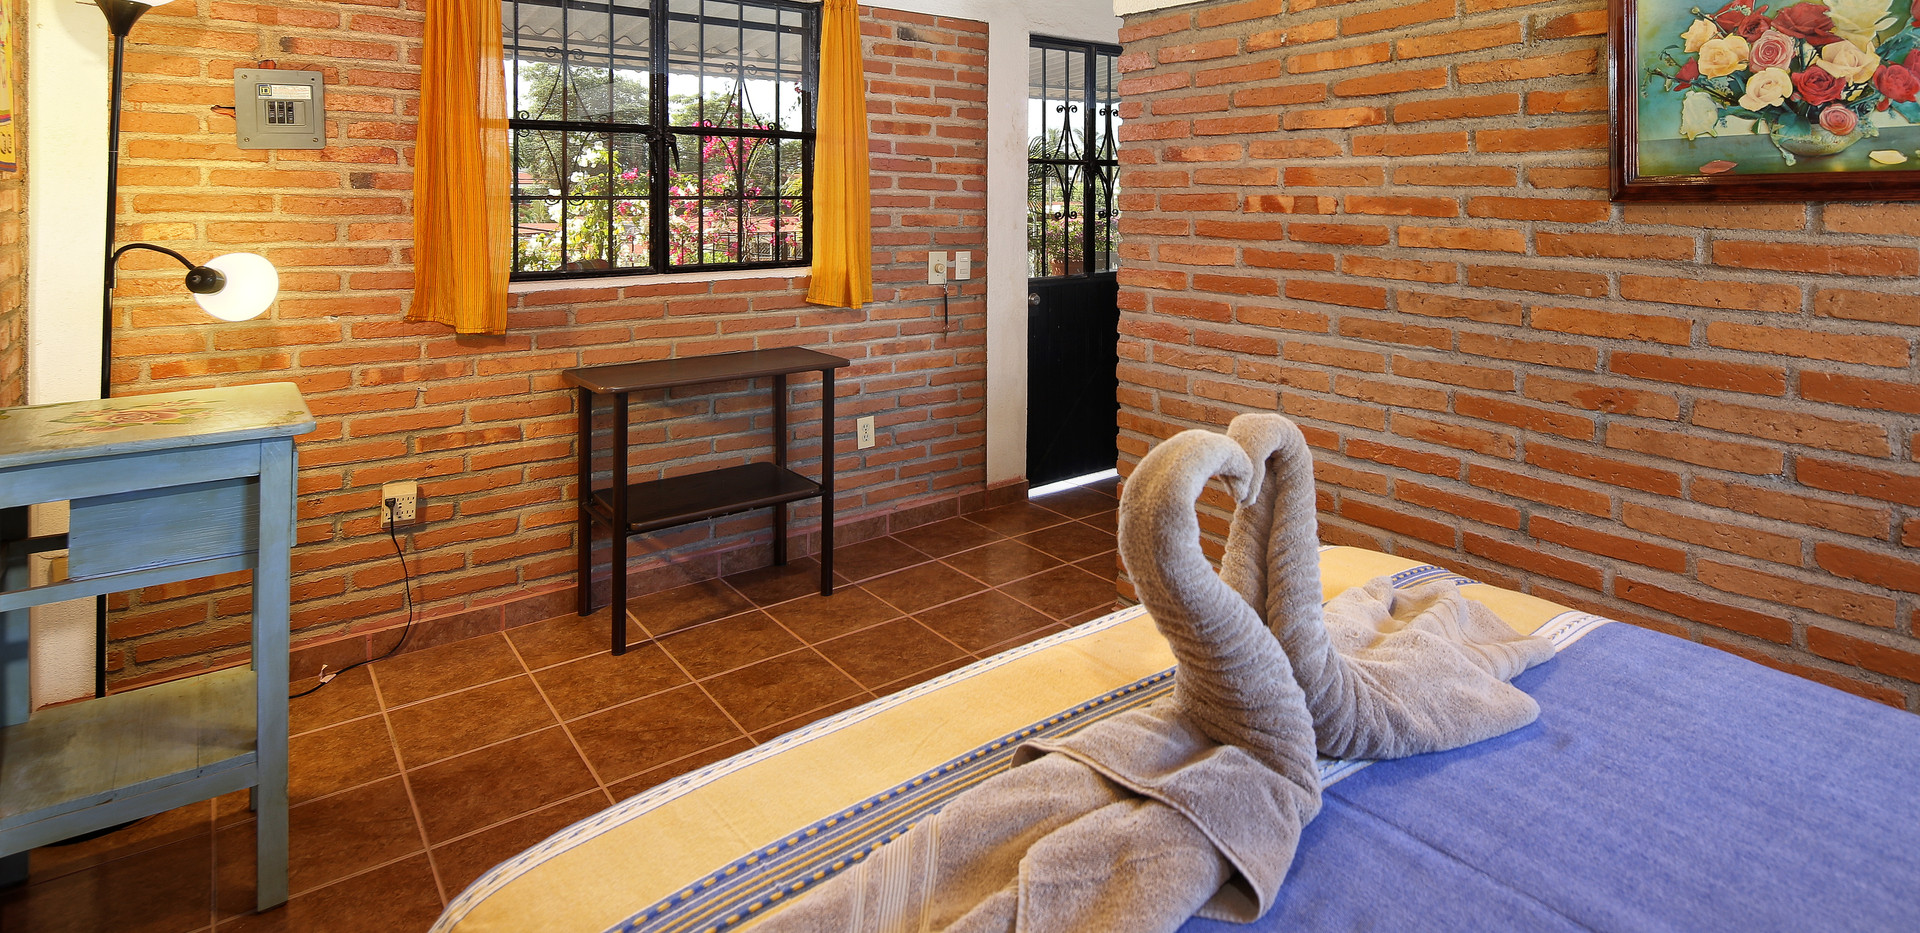 sonrisas bedroom 2.jpg